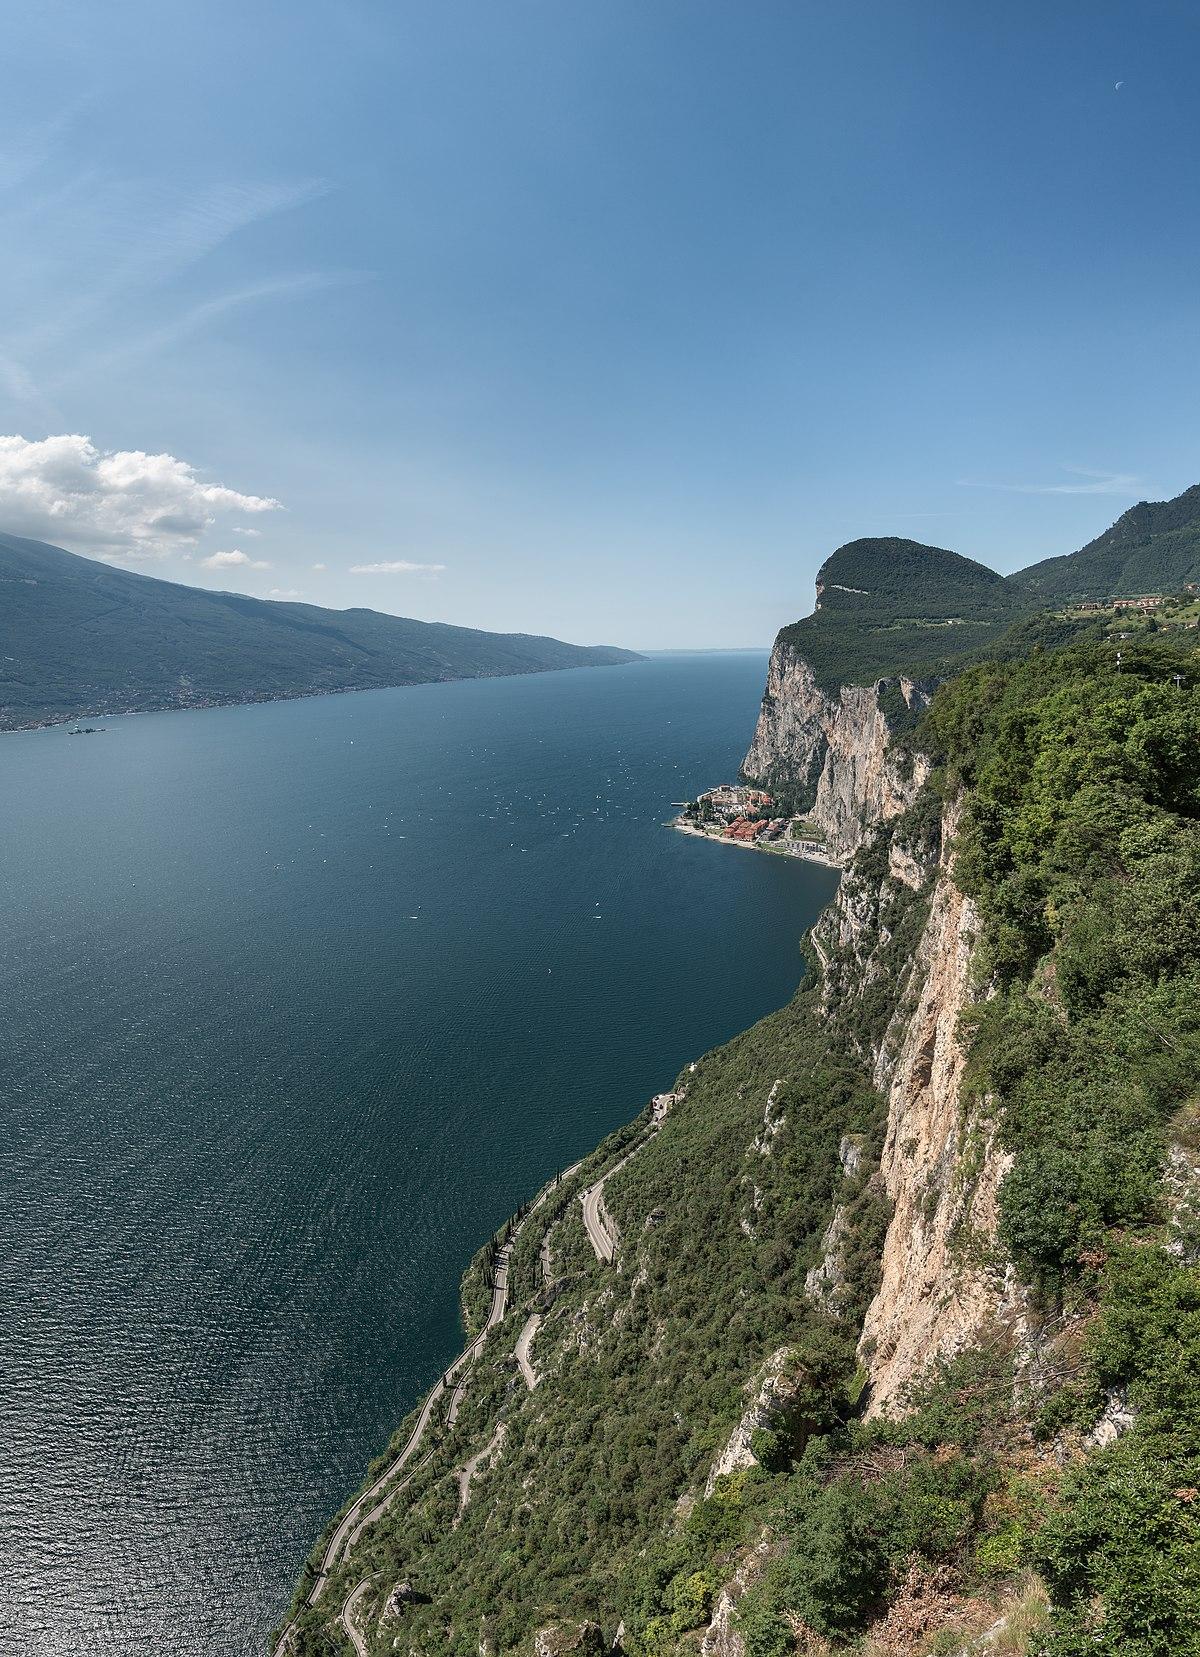 Campione Del Garda Wikipedia